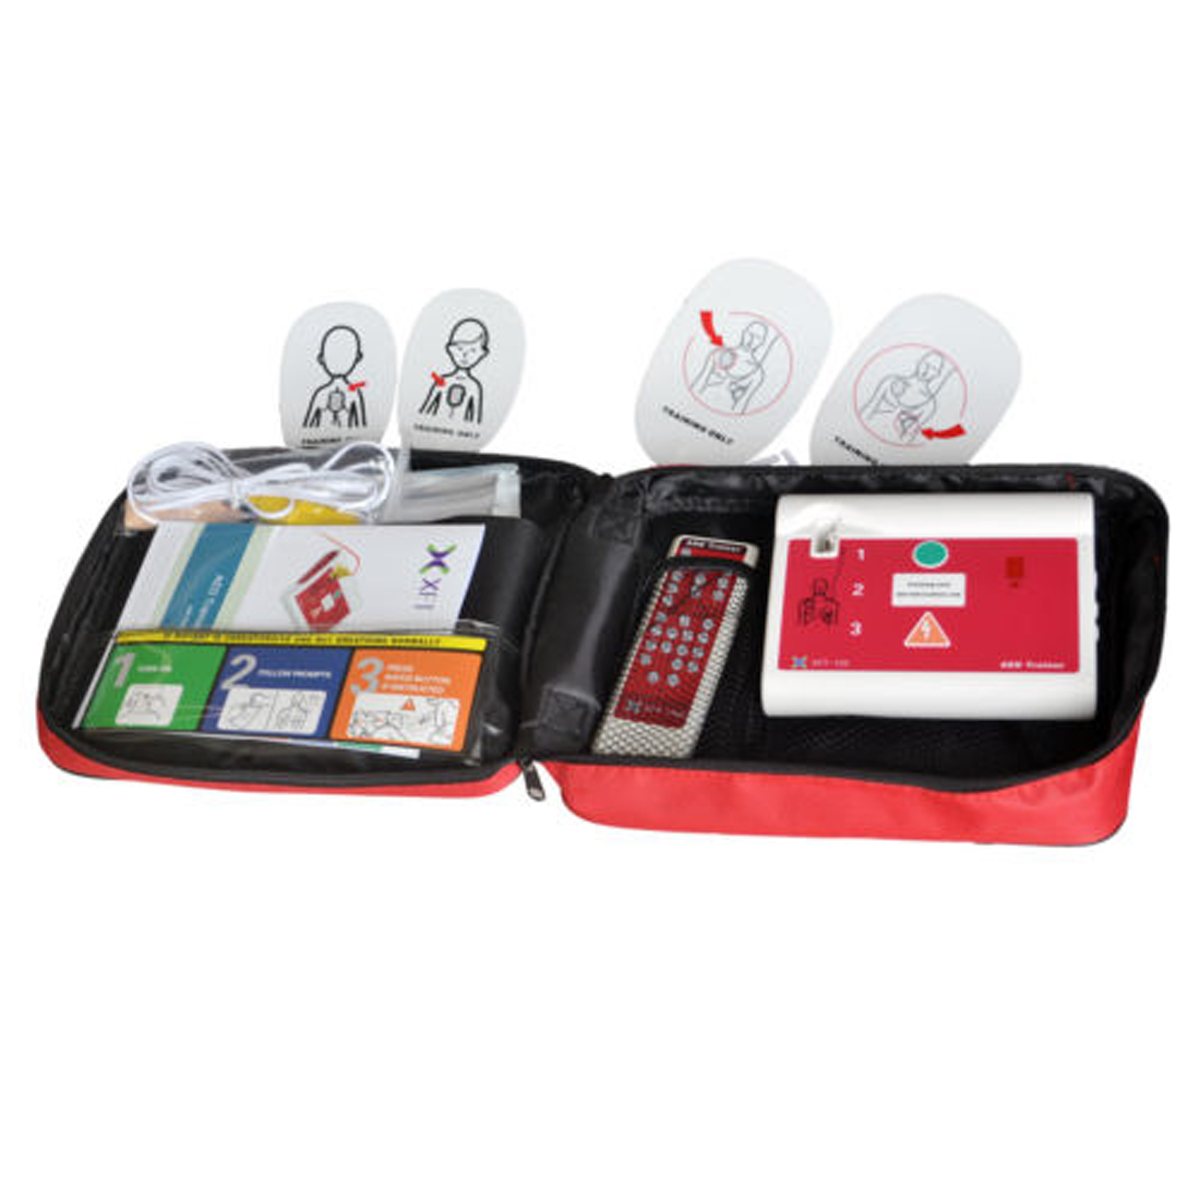 1 set AED formateur automatique défibrillateur externe simulateur Patient Machine de premiers soins rcr école compétence Traning anglais et espagnol - 4